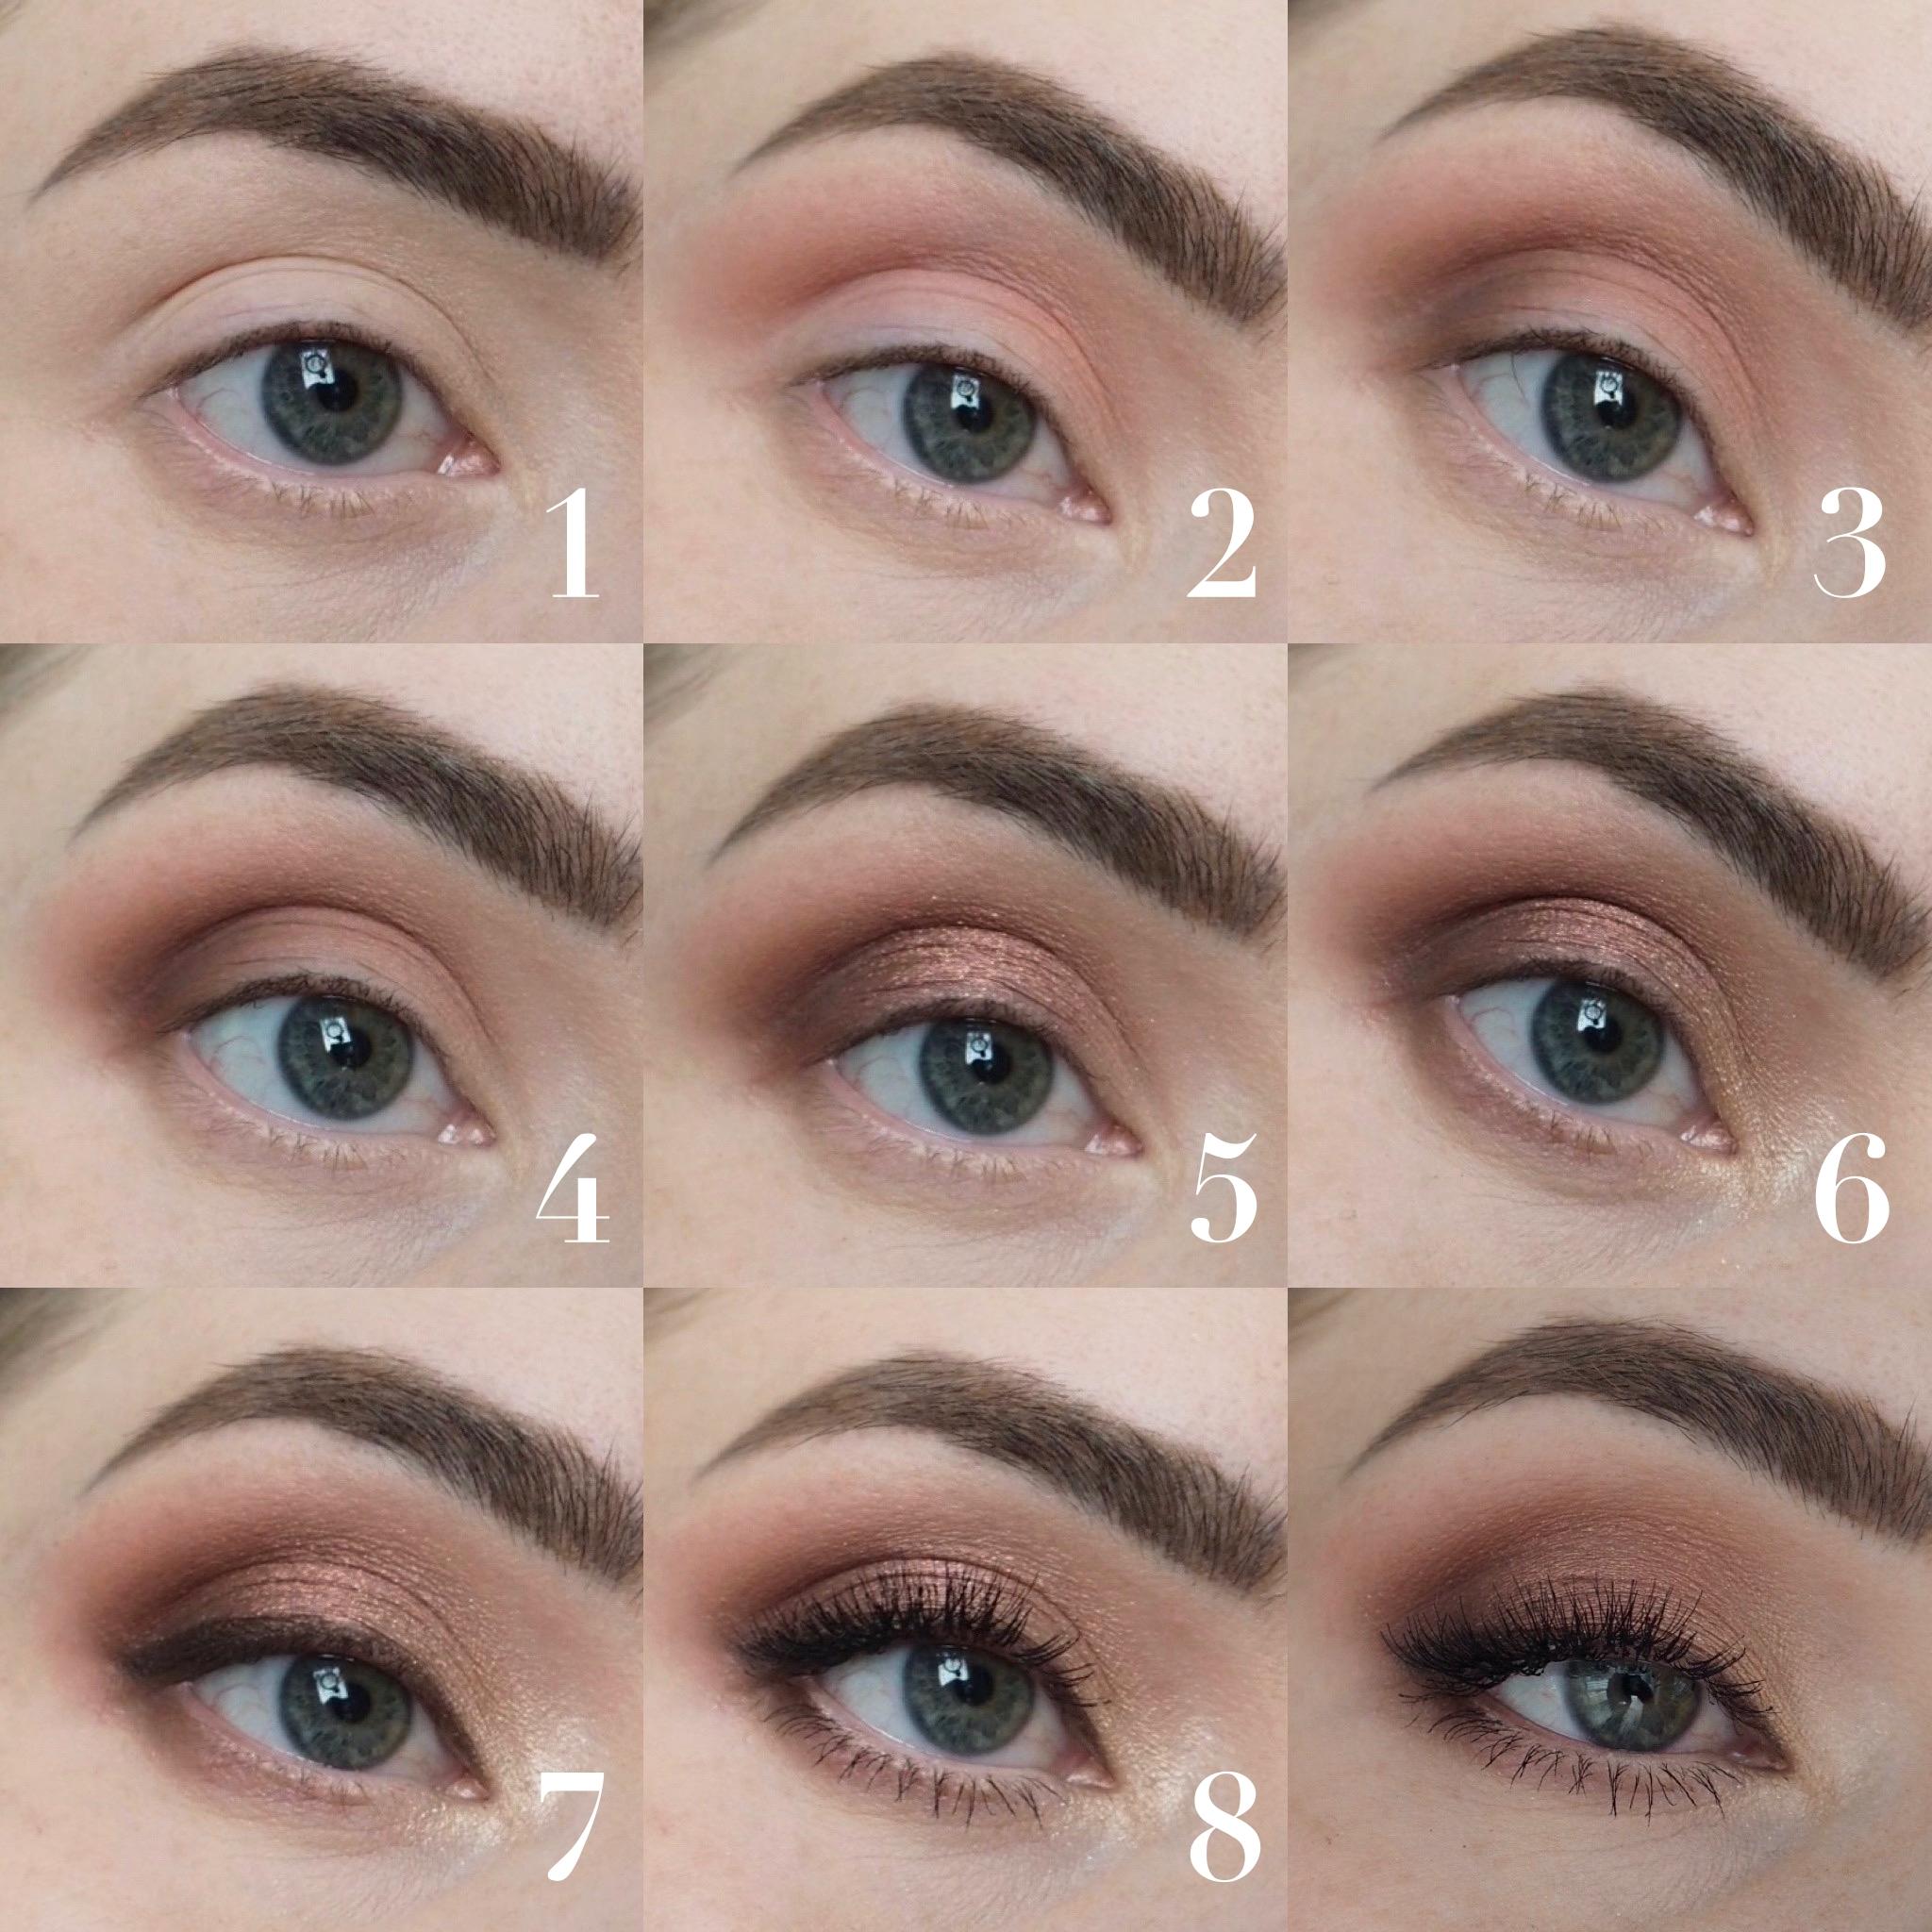 ruusukultainen silmämeikki